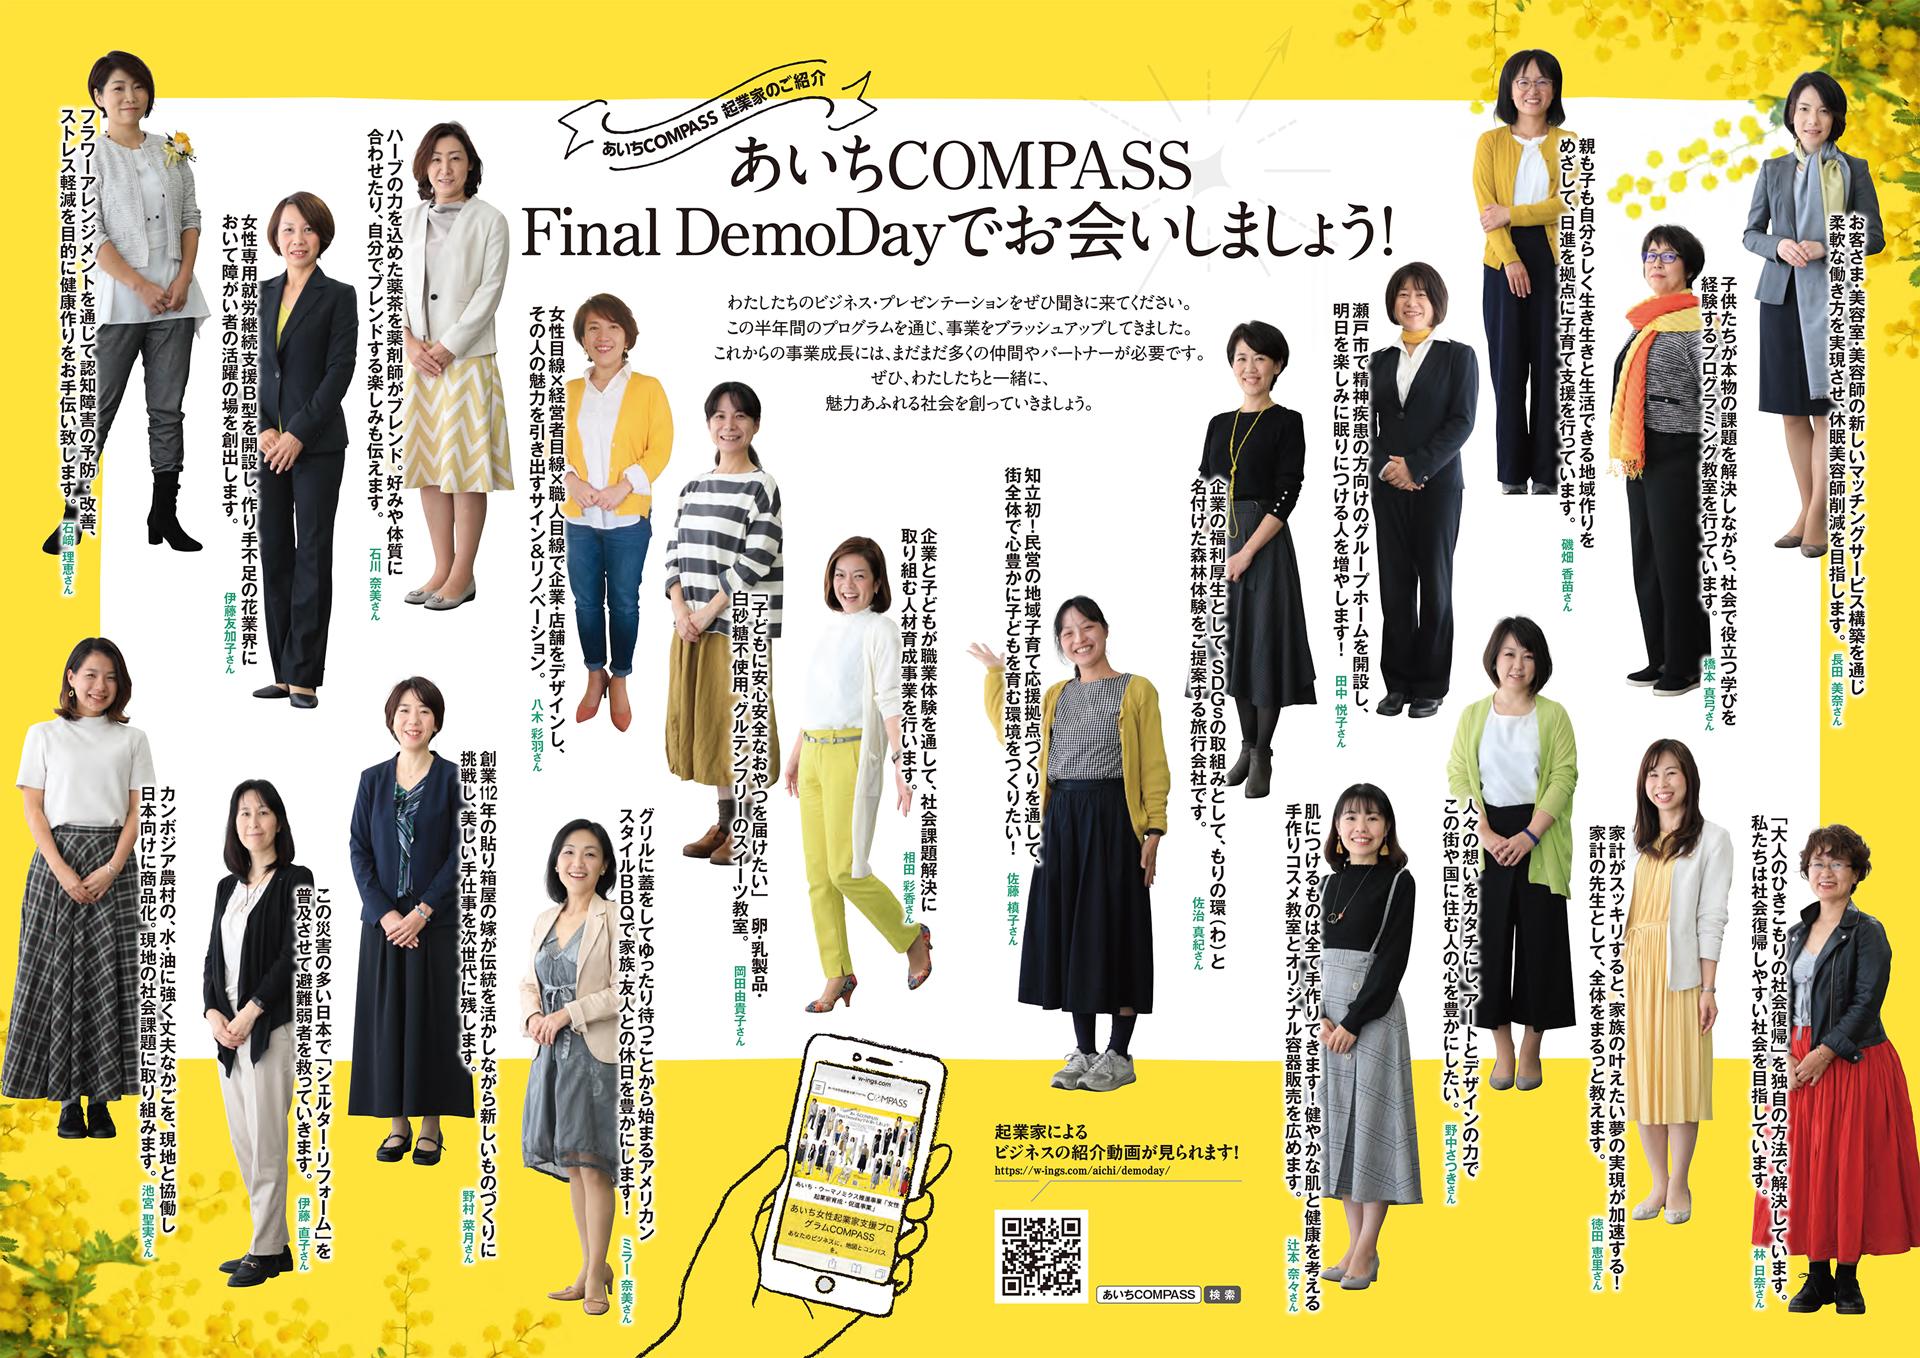 あいちCOMPASS Final DemoDayでお会いしましょう!